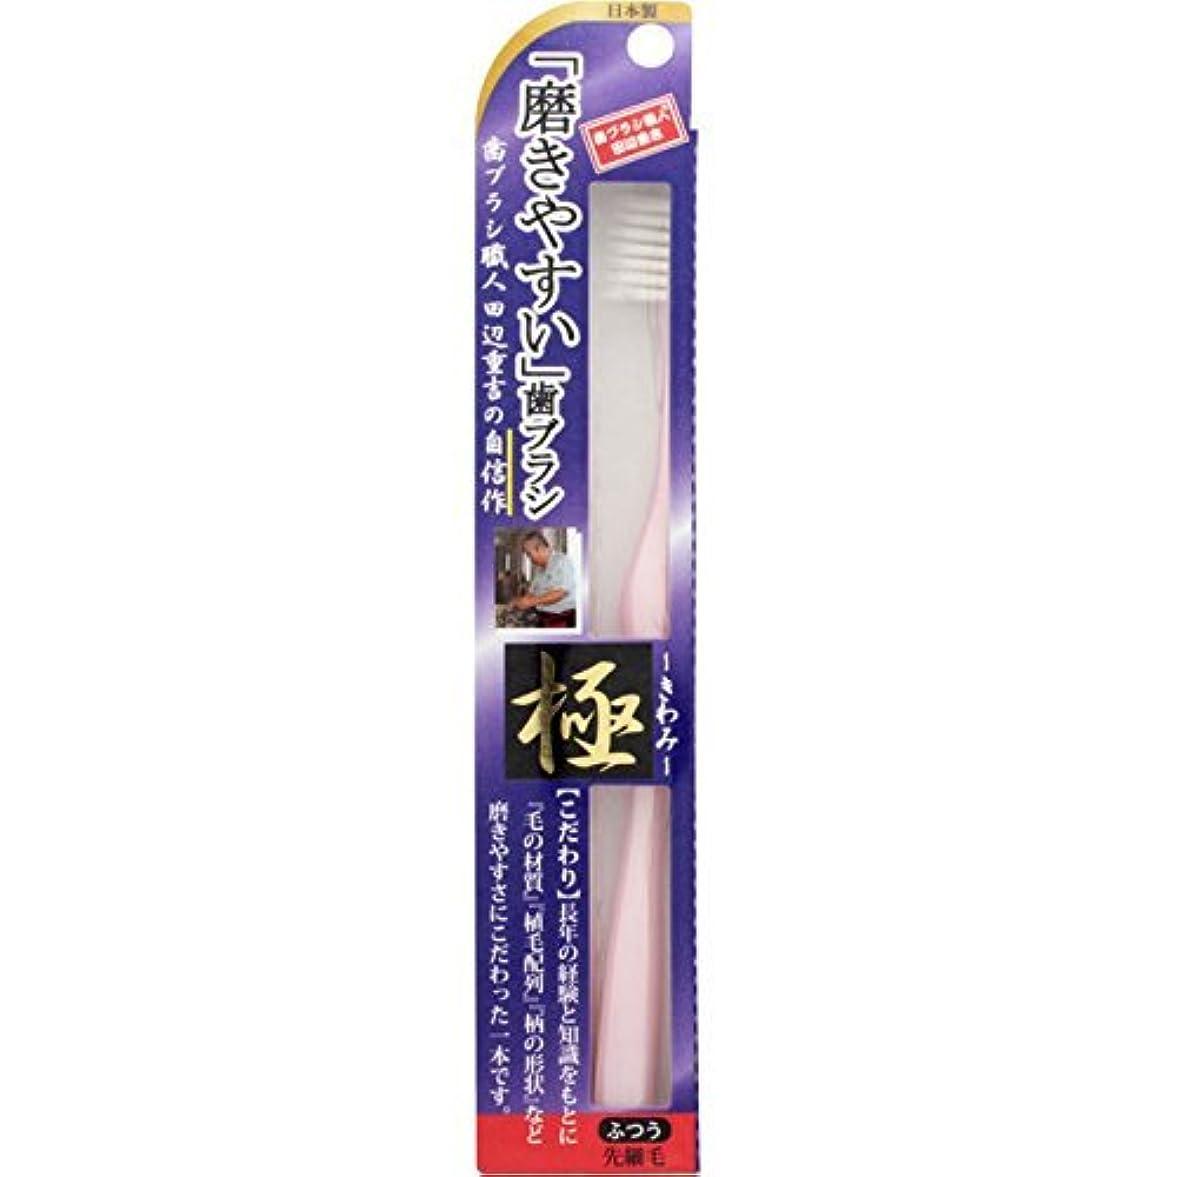 ブラスト行列マラソン【まとめ買い】磨きやすい歯ブラシ 極 LT-22 ×18個